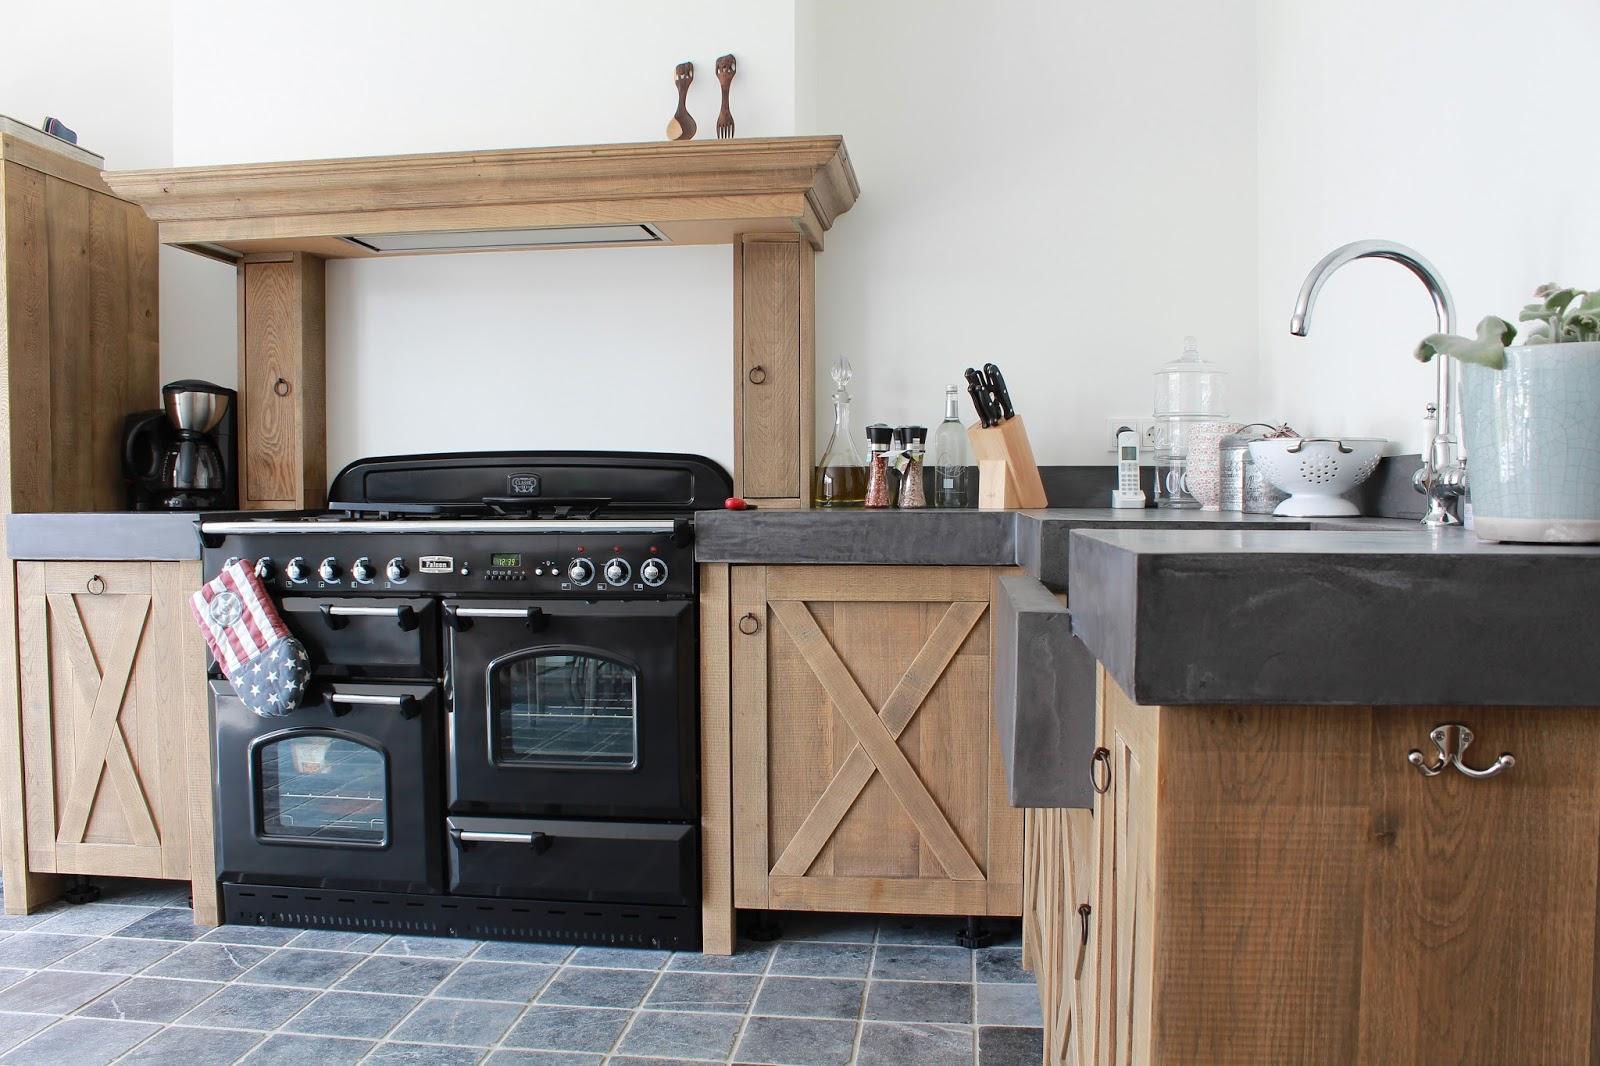 Keuken Hout Kind : Steigerhouten keukens & sloophouten keukens met betonstuc aanrechtblad